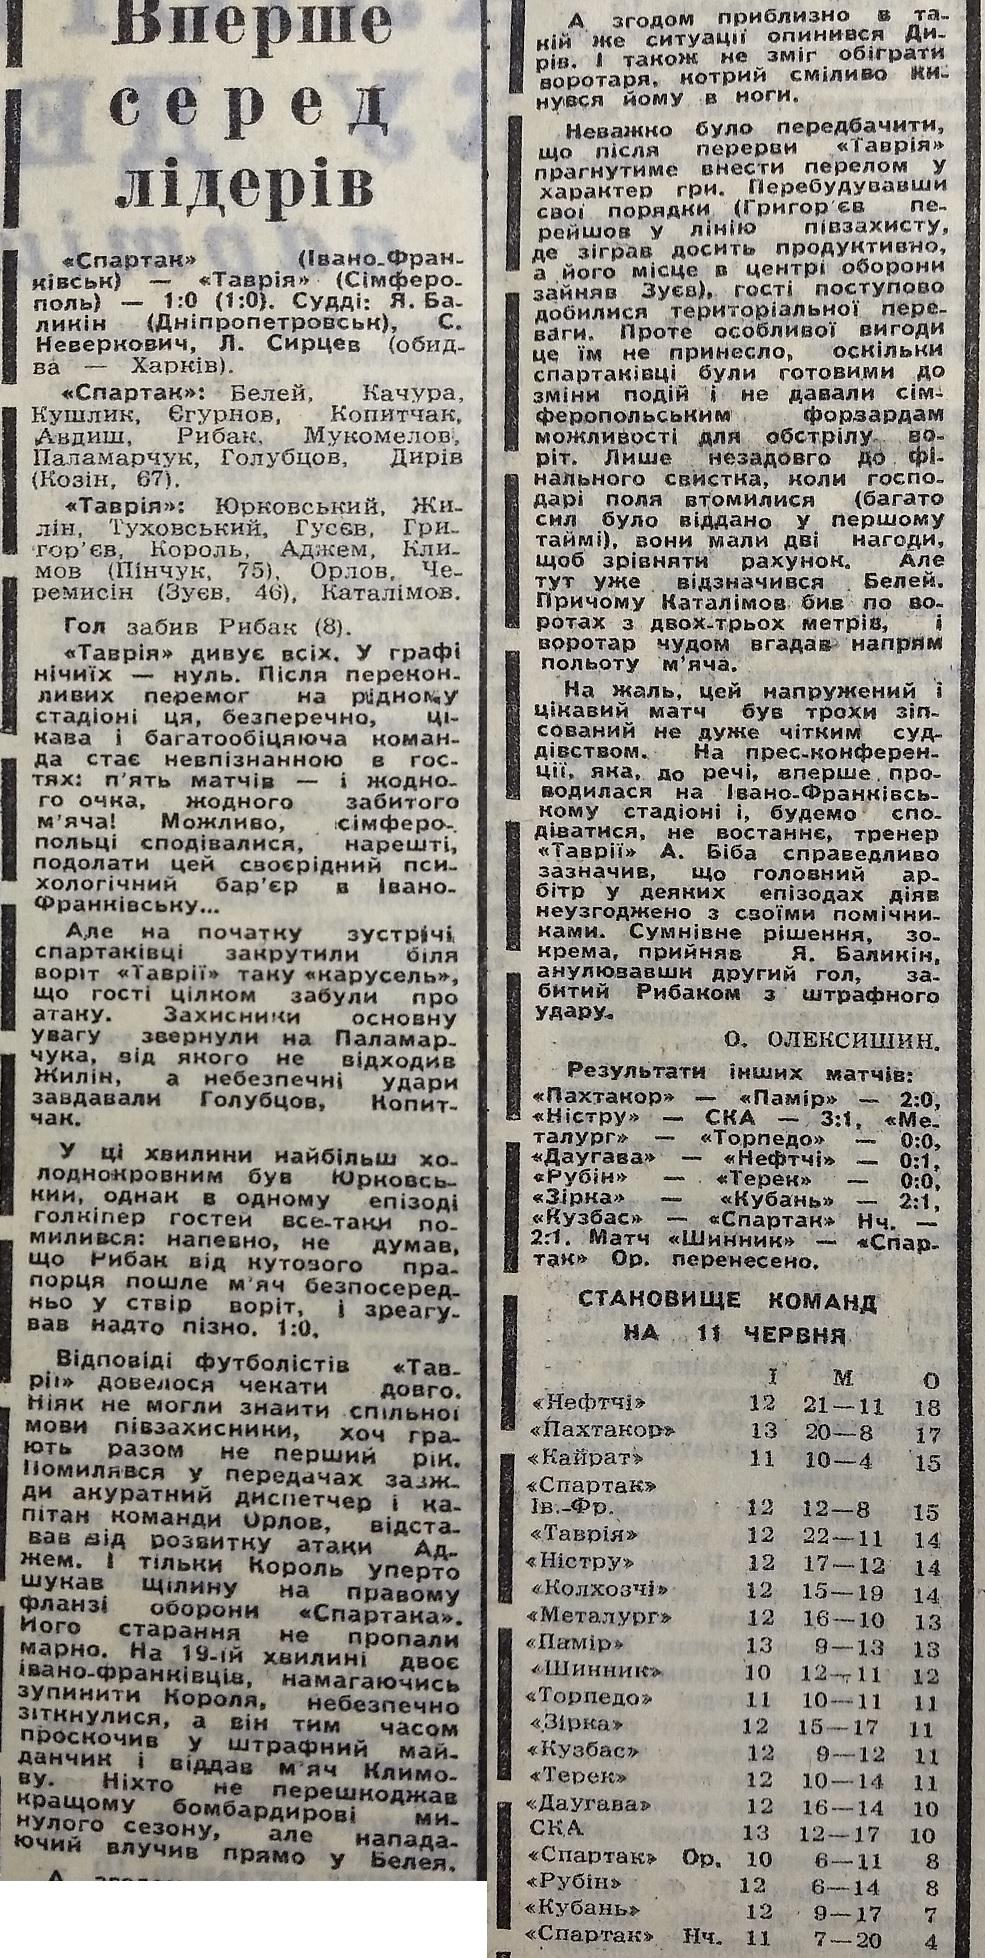 Спартак (Ивано-Франковск) - Таврия (Симферополь) 1:0. Нажмите, чтобы посмотреть истинный размер рисунка